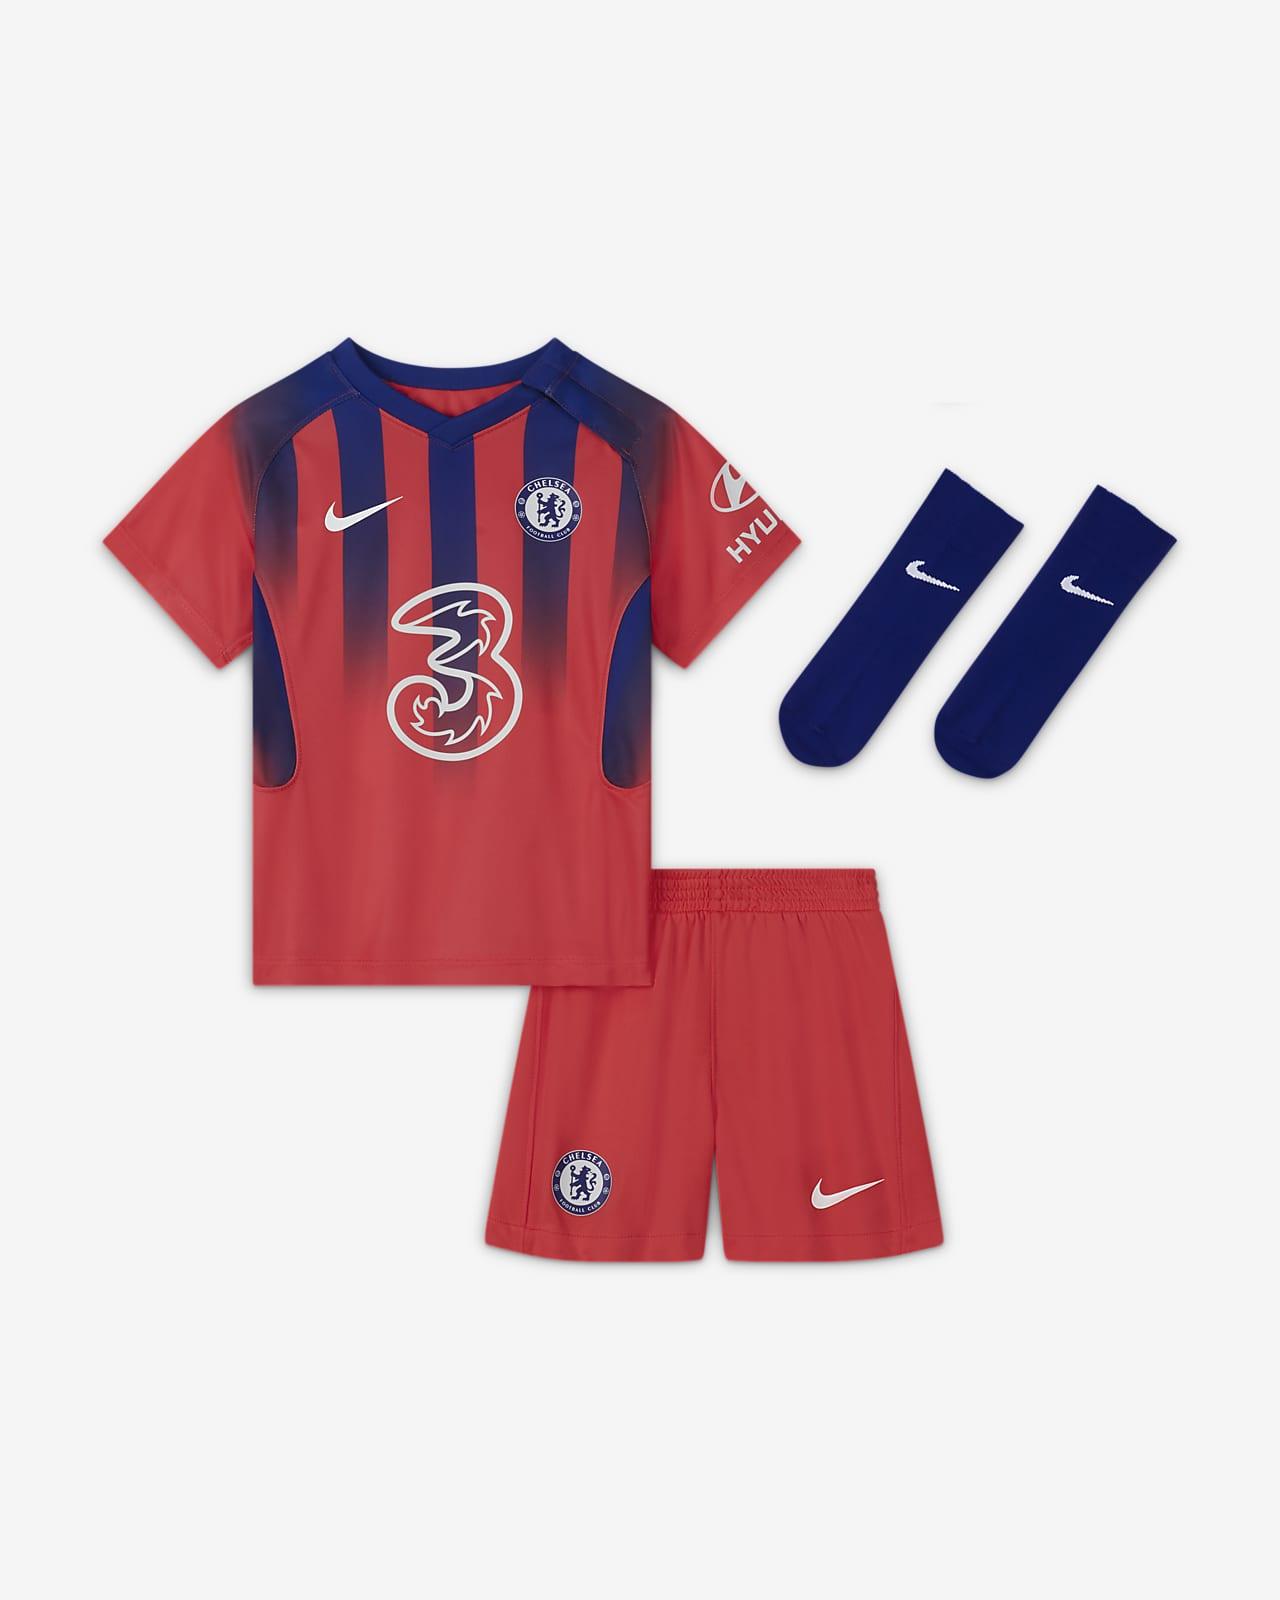 3e tenue de football Chelsea FC 2020/21 pour Bébé et Petit enfant